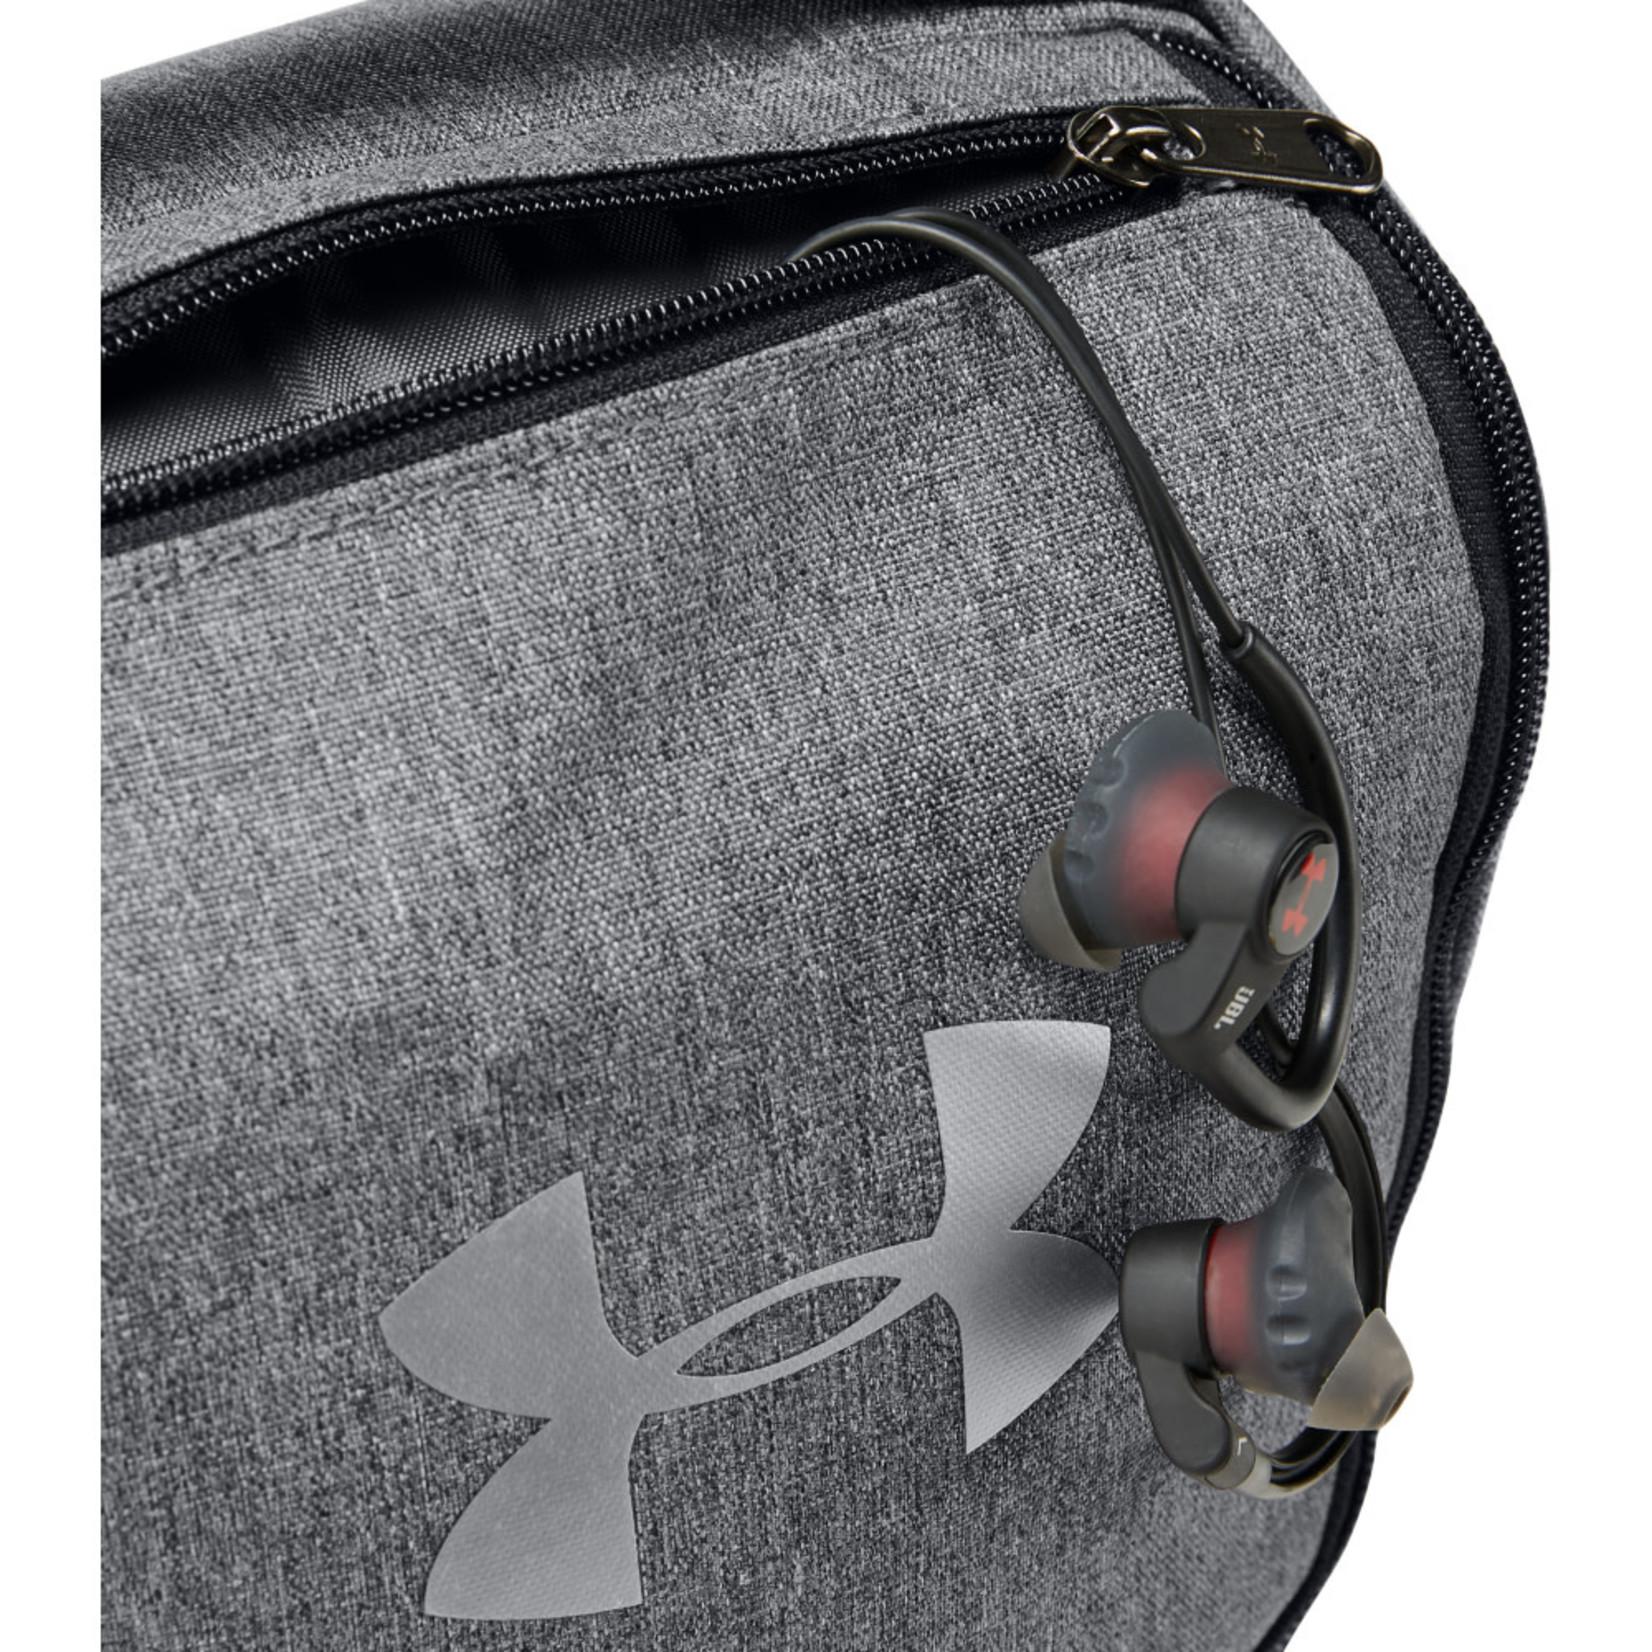 Under Armour UA Shoe Bag-GRY,OSFA